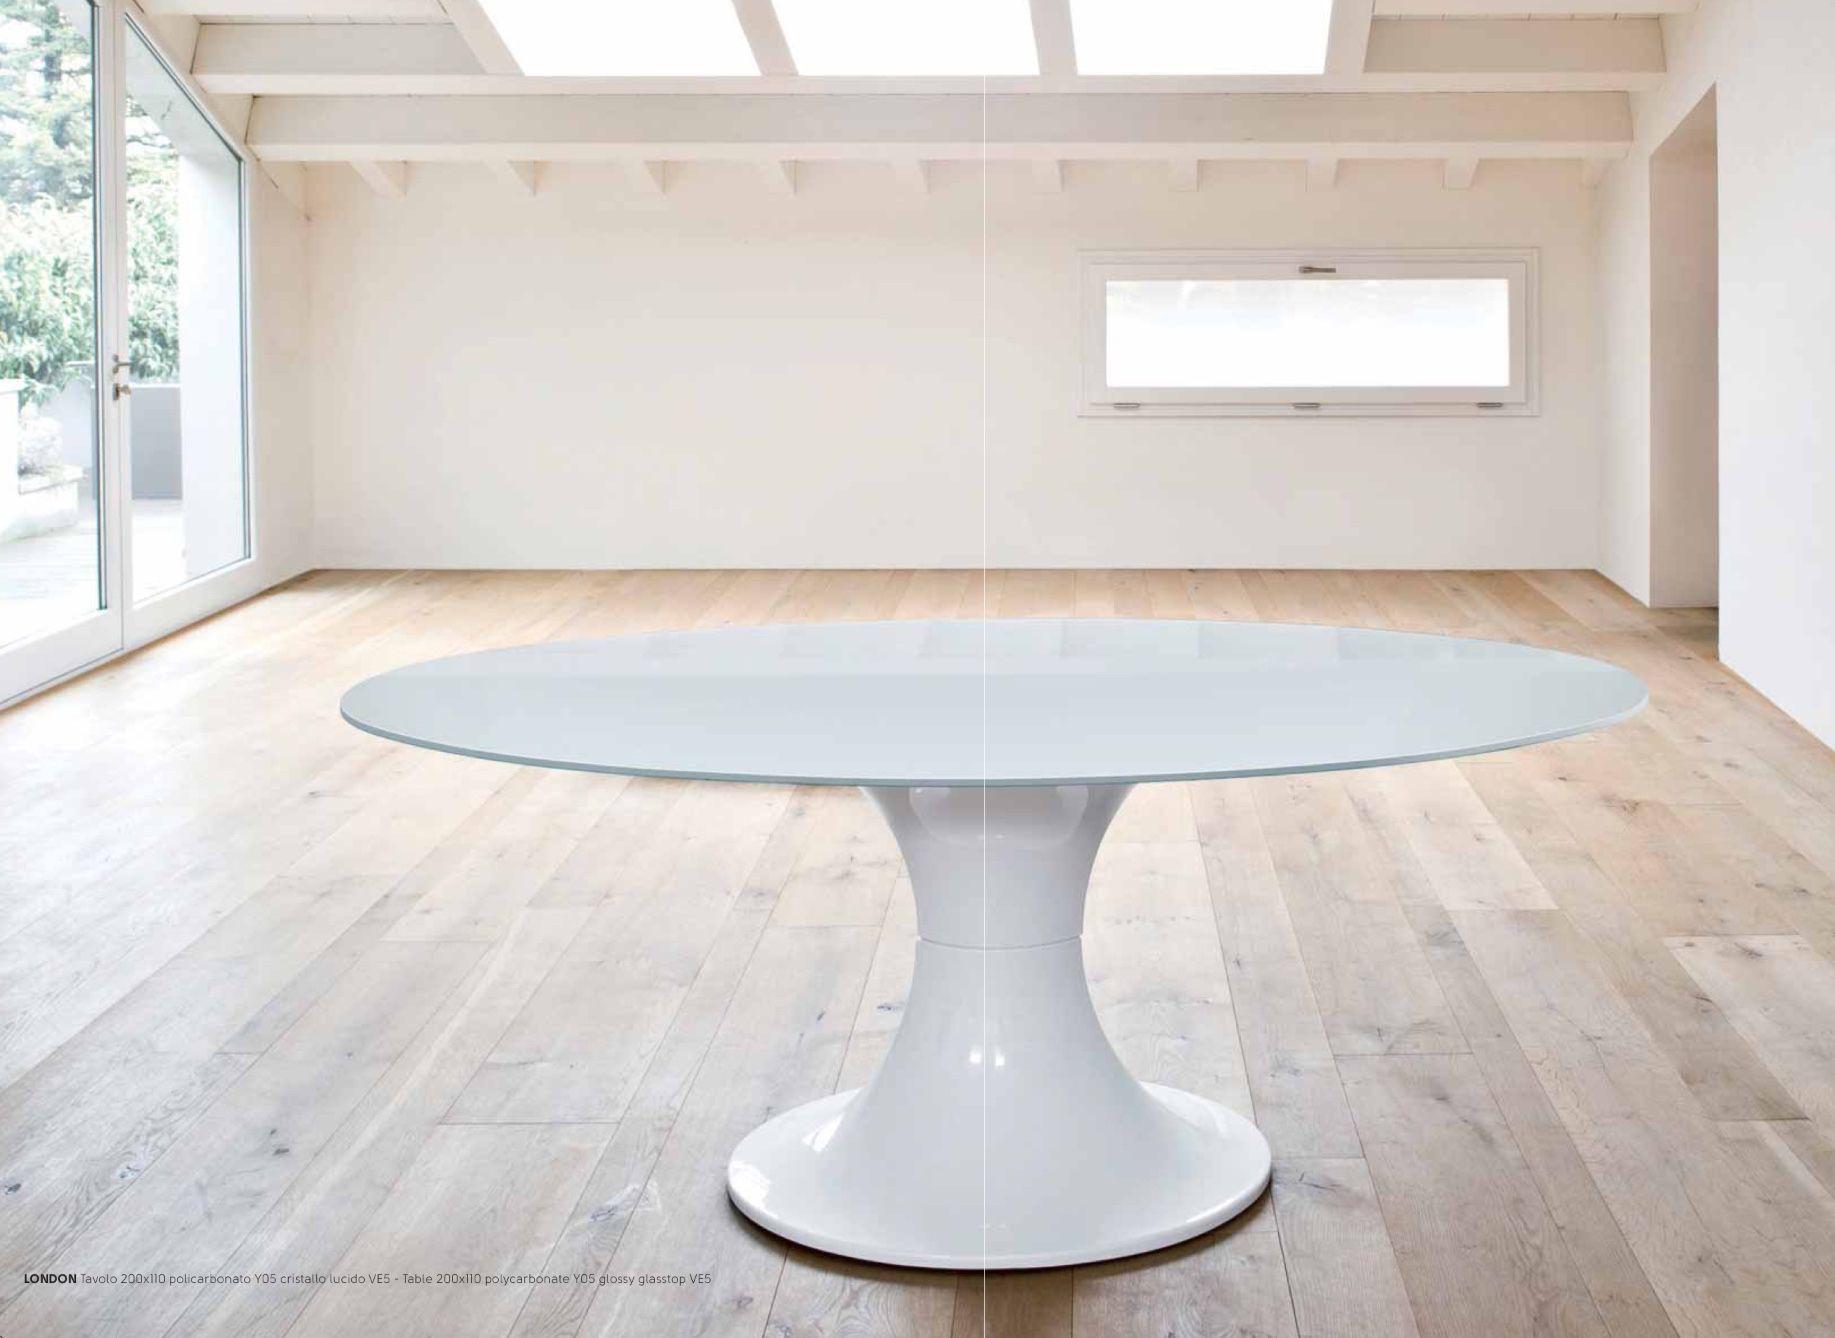 Tavolo Estetista ~ Mod london tavolo ovale con basamento centrale in